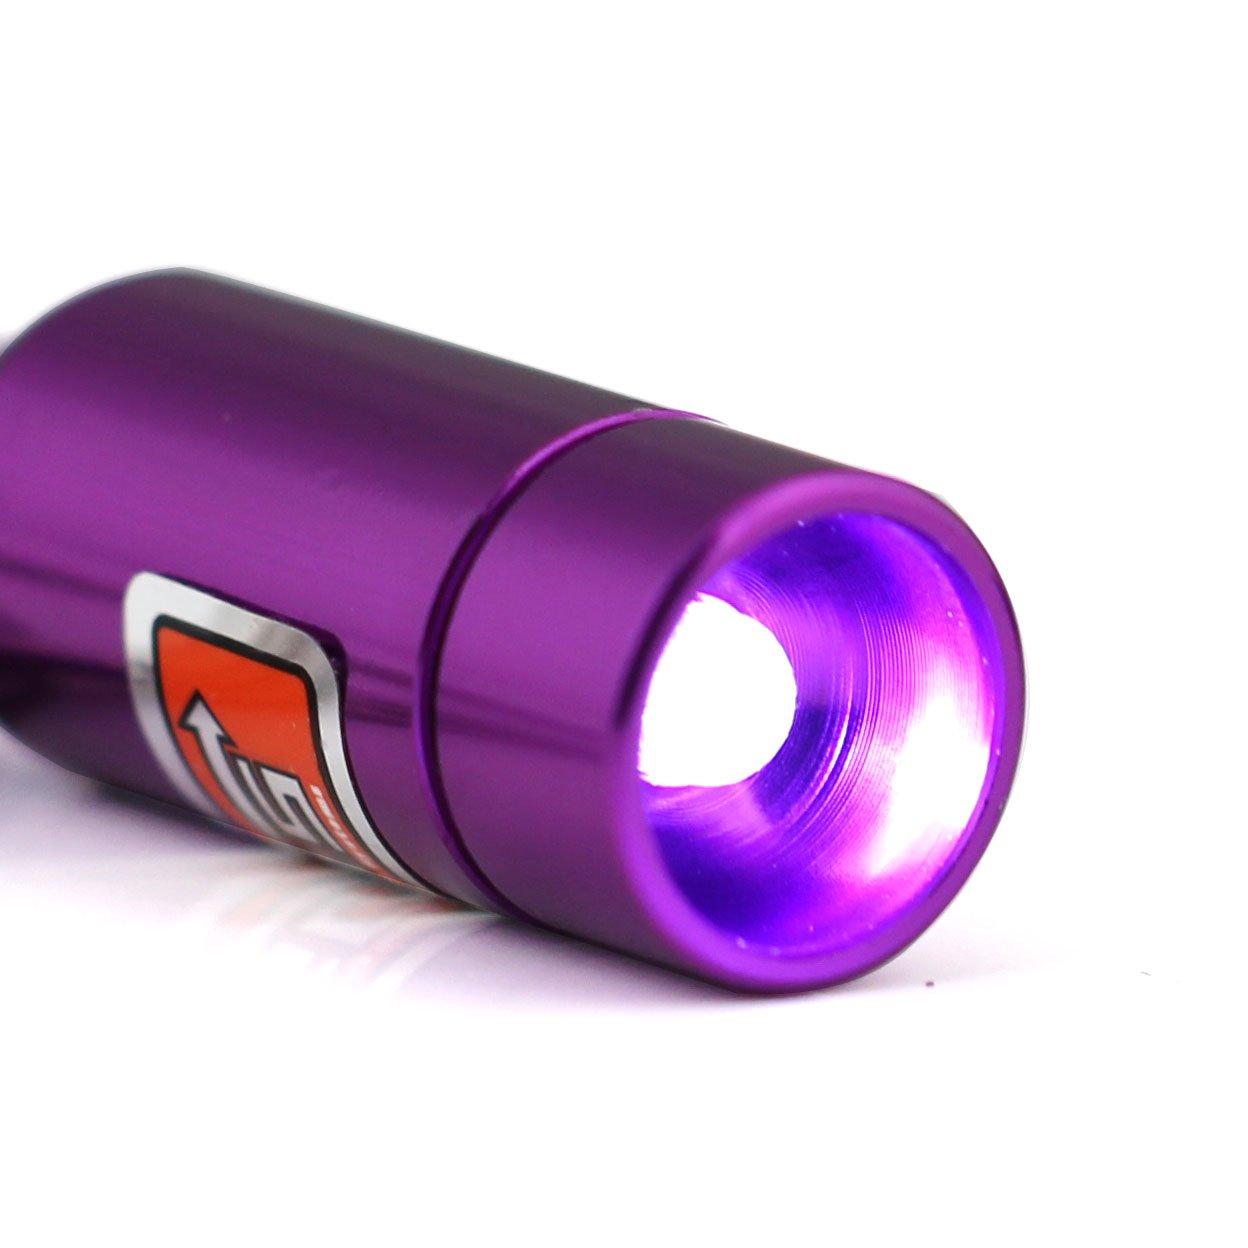 Amazon.com: Maycom - Llavero con diseño de botella de óxido ...